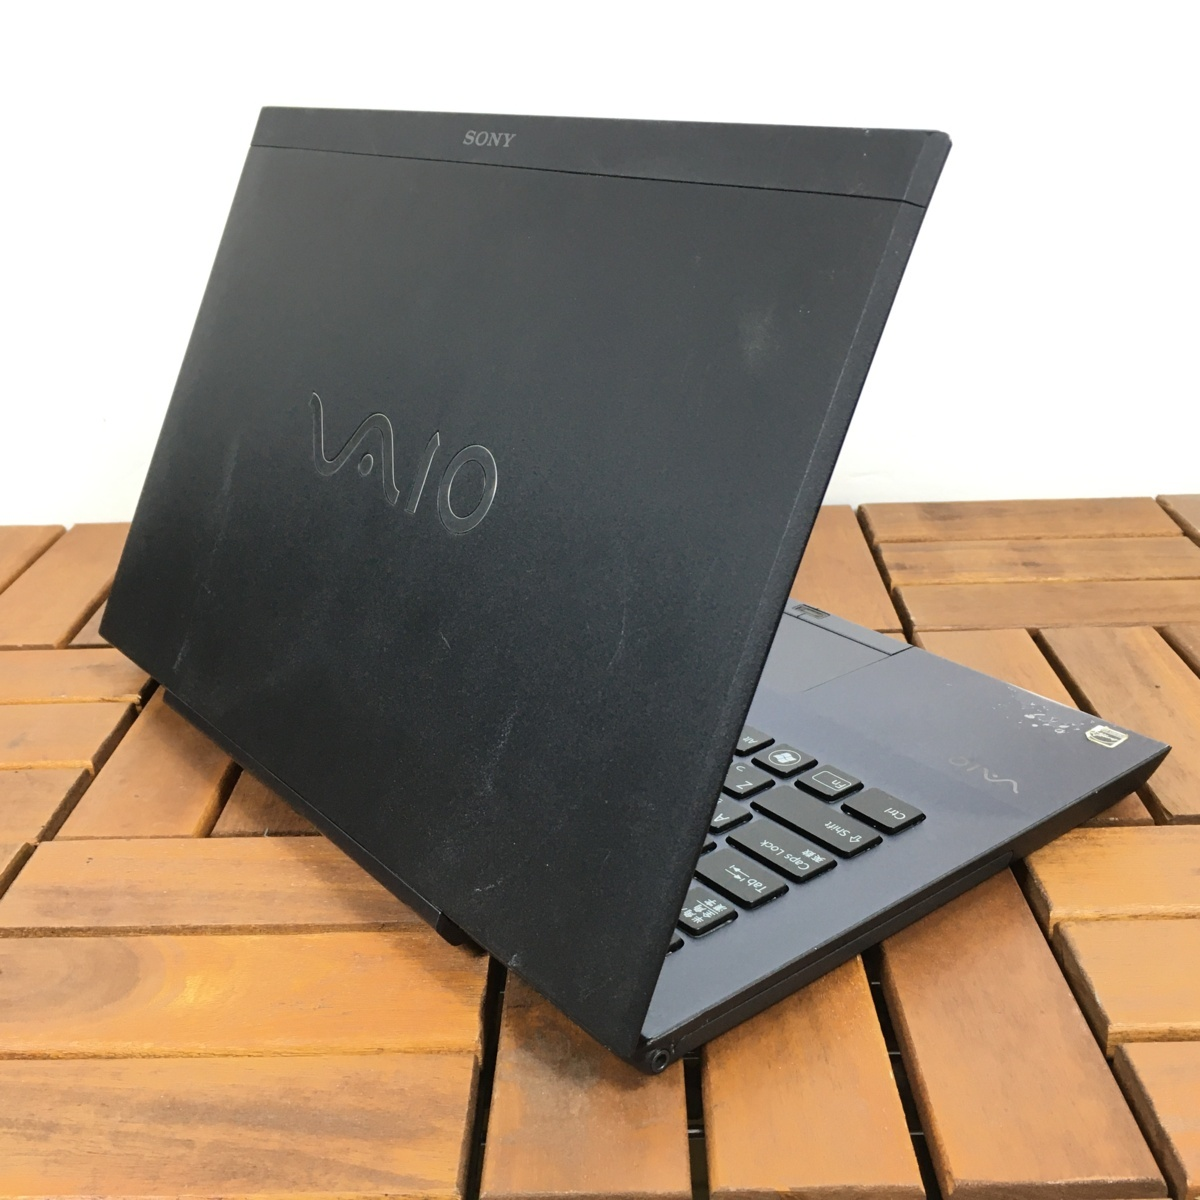 1円~【グラボ搭載】Windows10/Webカメラ搭載!【SONY ソニー/VAIO PCG-4121GN】Core i3-2350M/メモリ4GB/HDD320GB【ジャンク】_画像5